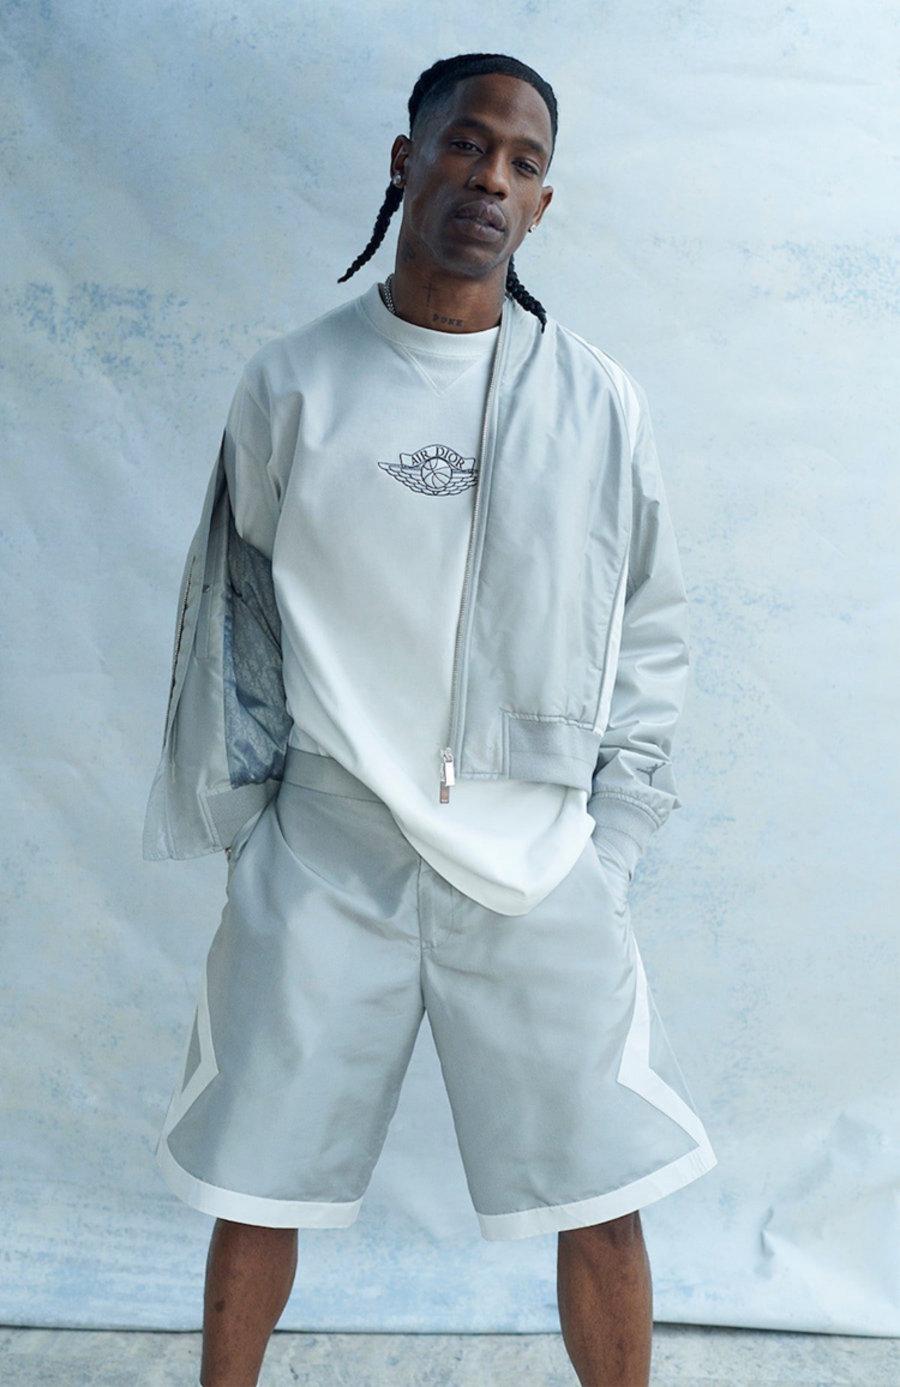 Travis,Scott,、,王俊,凱,上身,Dior,AJ  Travis Scott、王俊凱上身!Dior x AJ1 聯名服飾完整曝光!